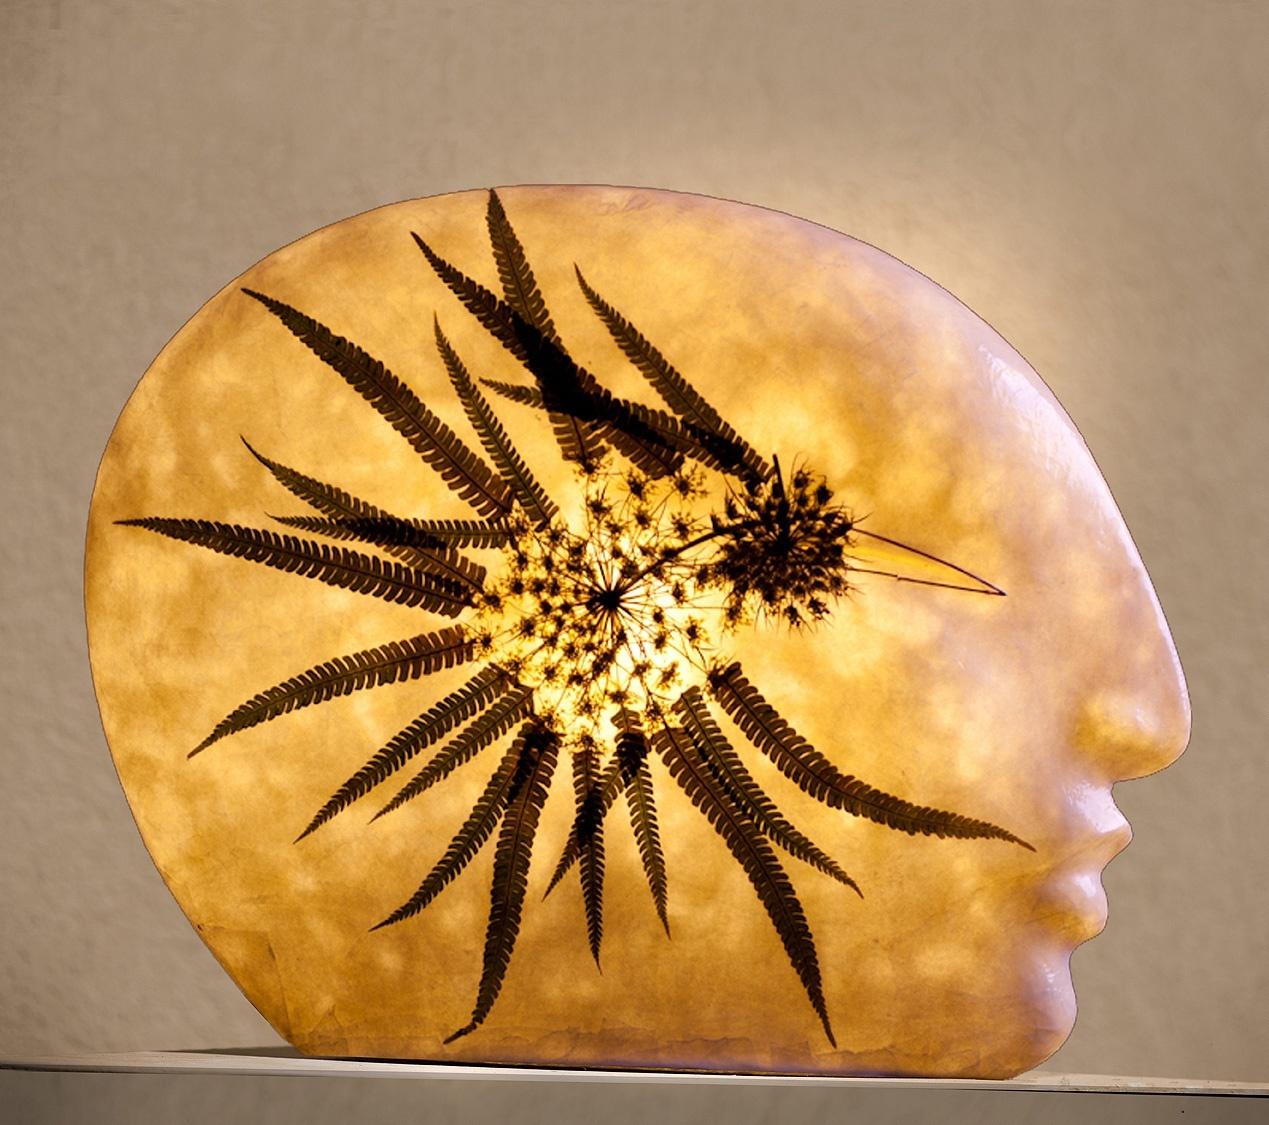 Lichtobjekt Lichtckulptur Kopf